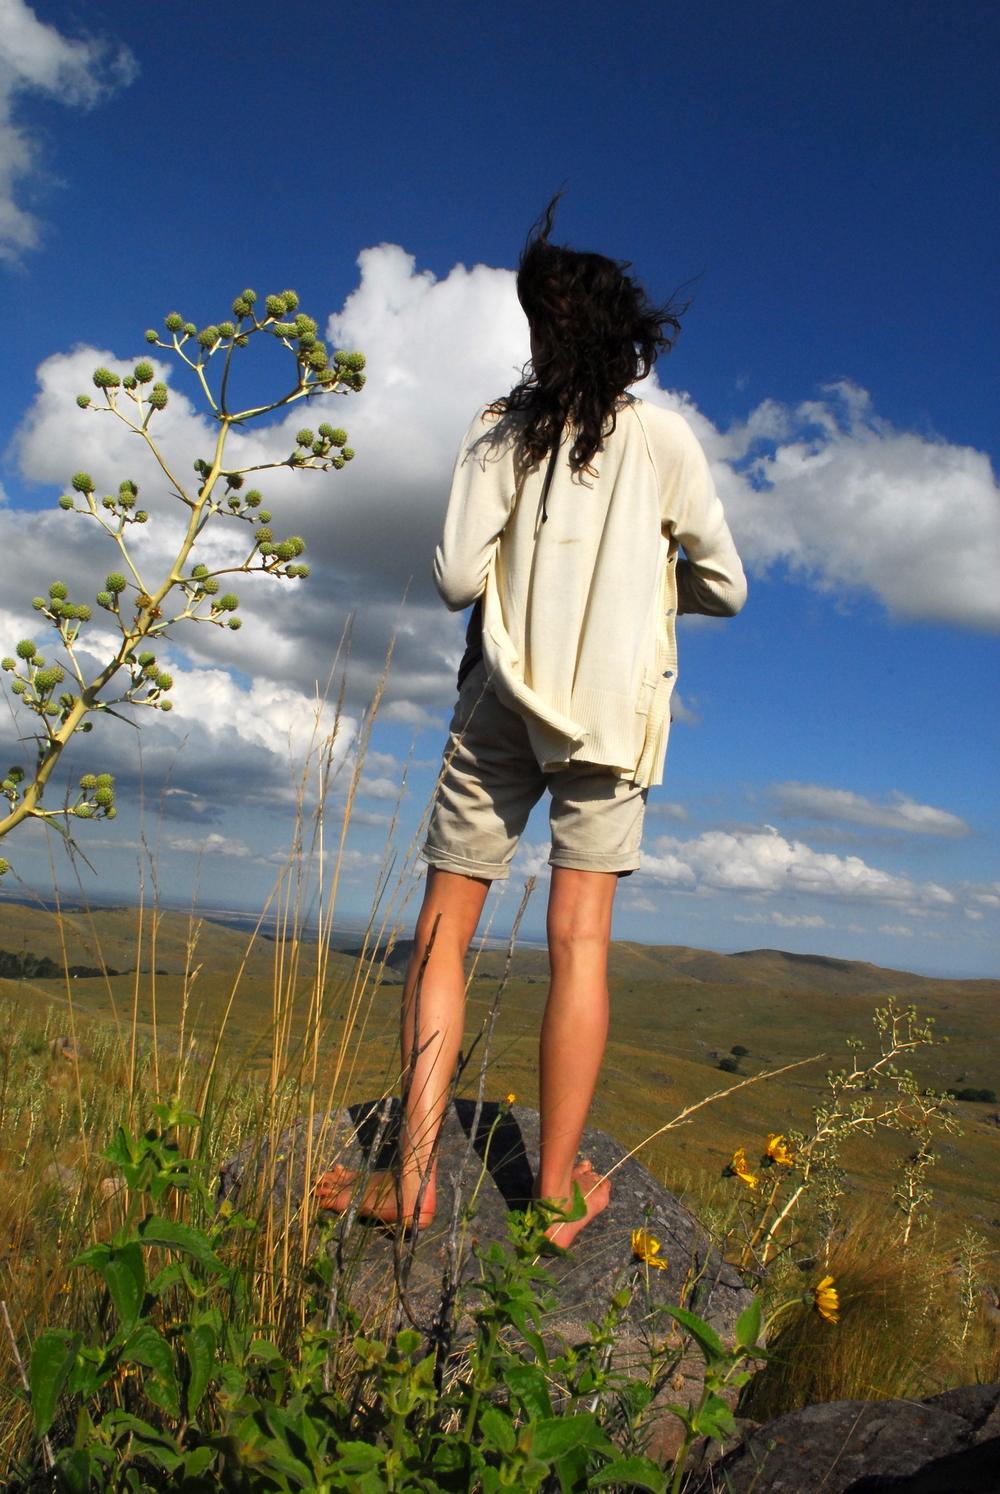 Walking in the grasslands around Estancia Los Potreros